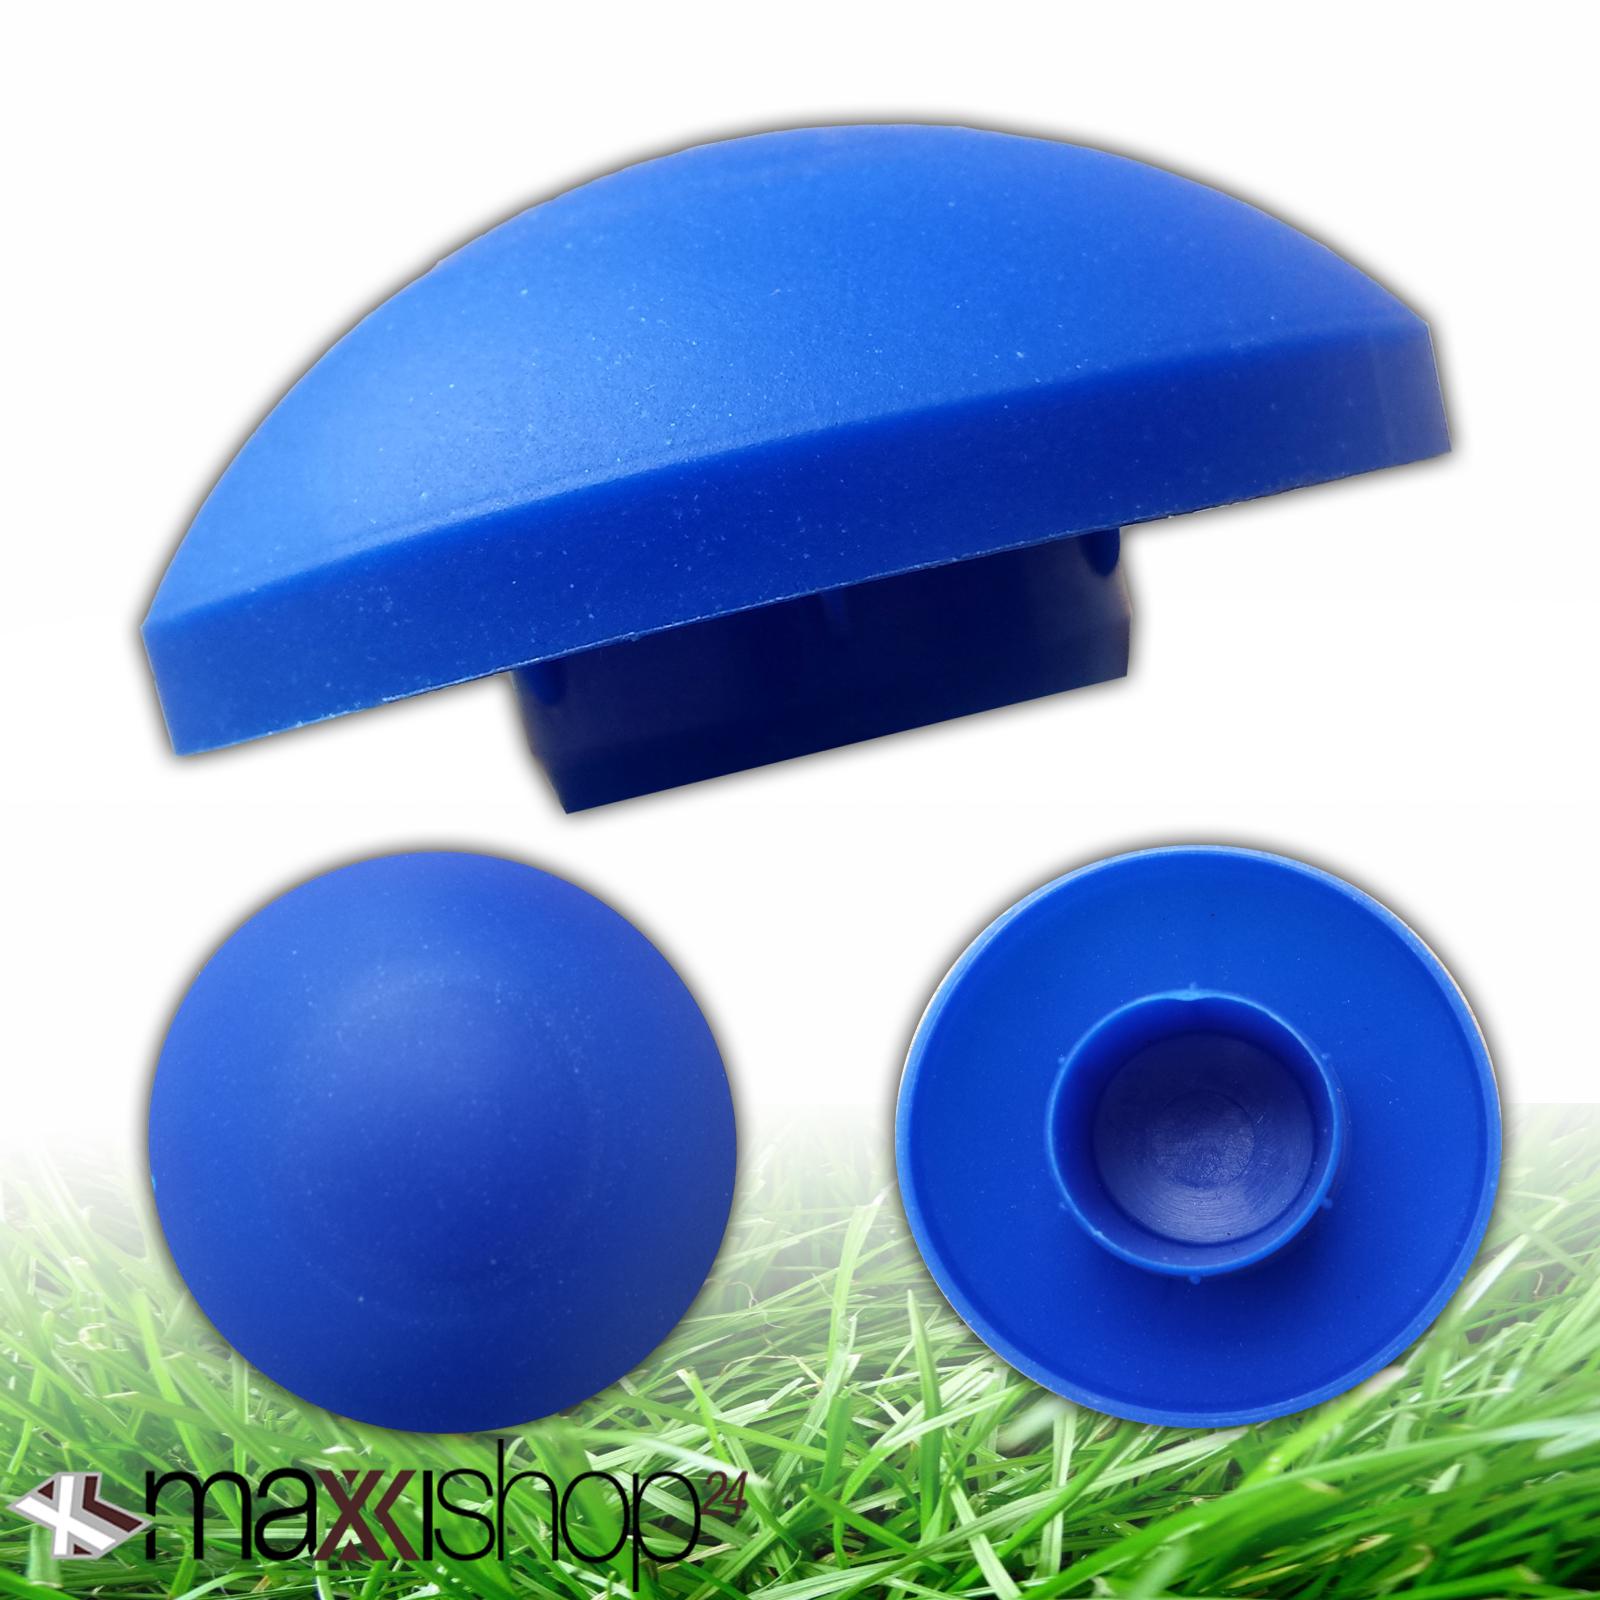 8x trampolin endkappen blau f r stangen pfosten netz ersatzteile zubeh r ebay. Black Bedroom Furniture Sets. Home Design Ideas